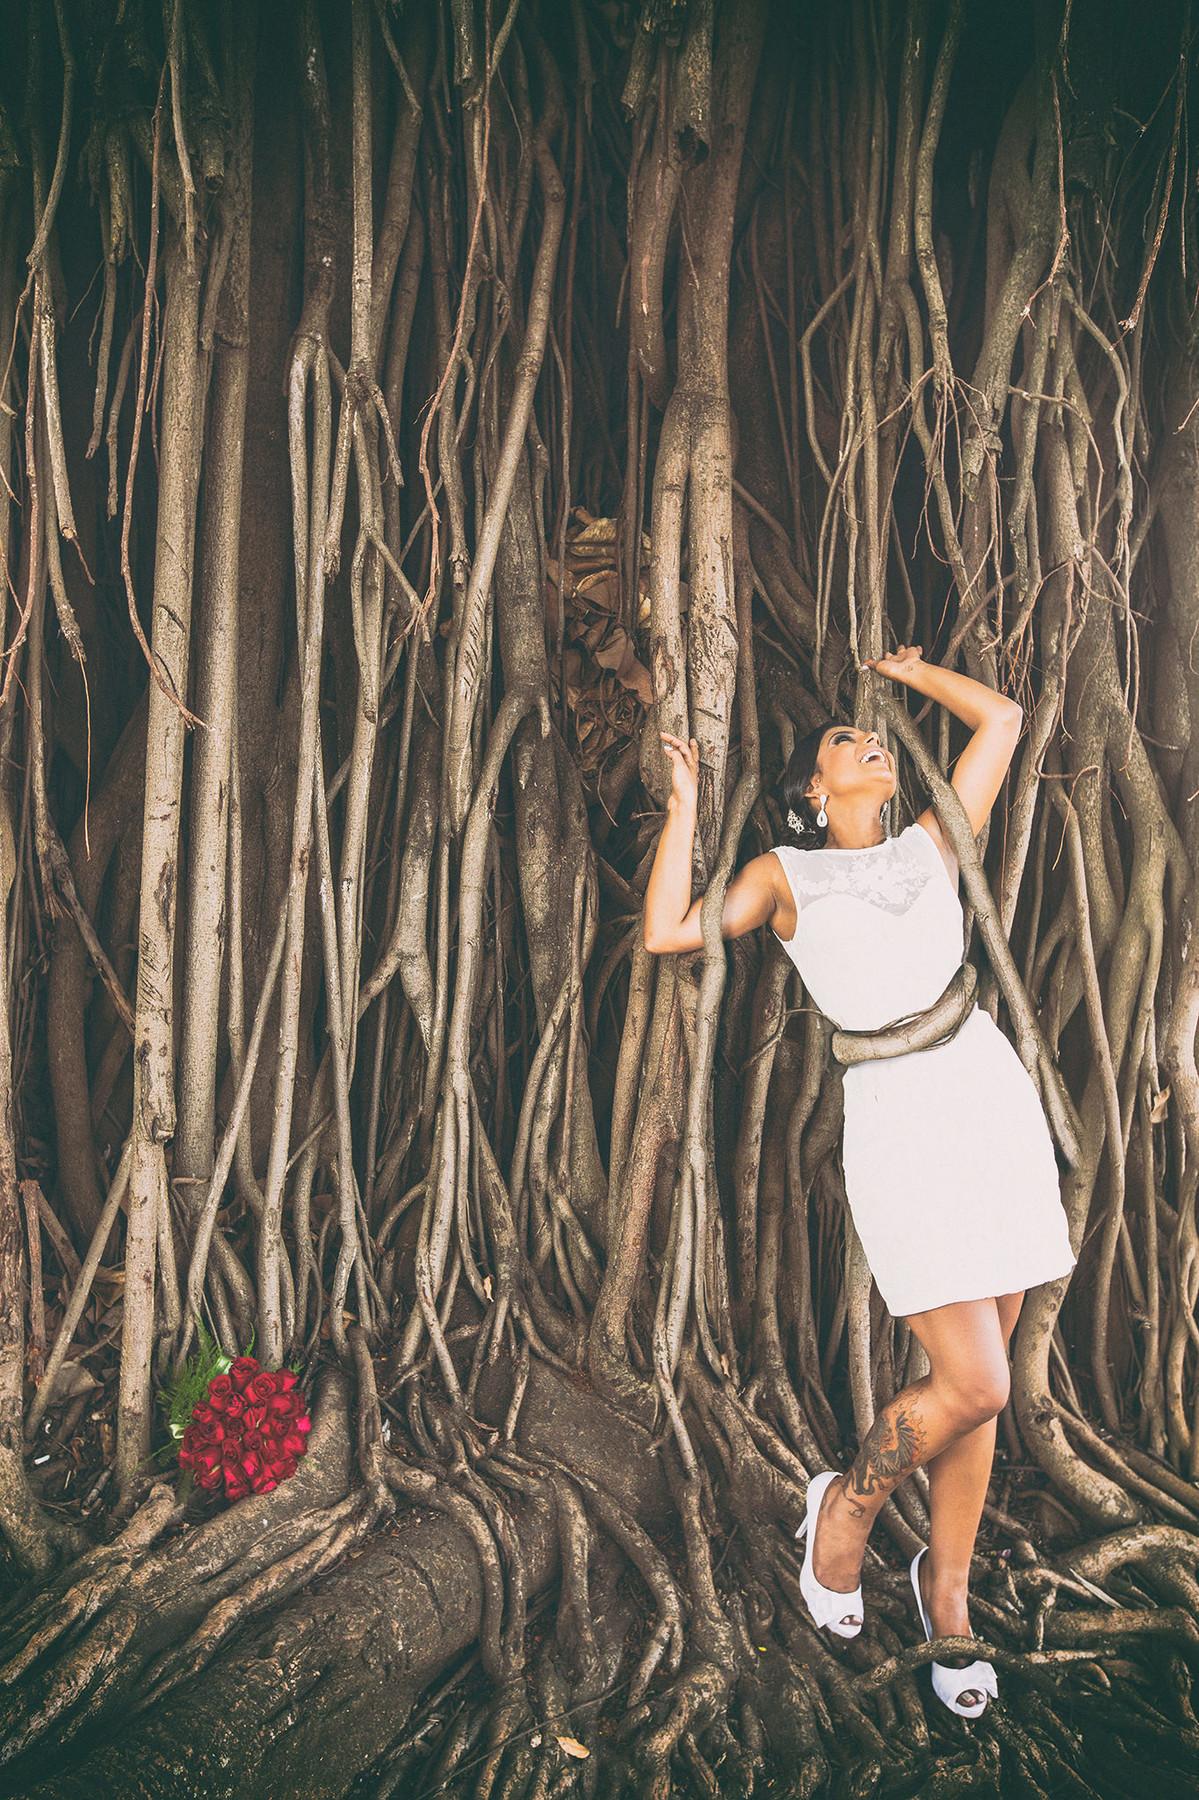 Noiva sendo atacada por arvore de cipó foto feita pelo fotógrafo Rafael Ohana em Paracatu-M